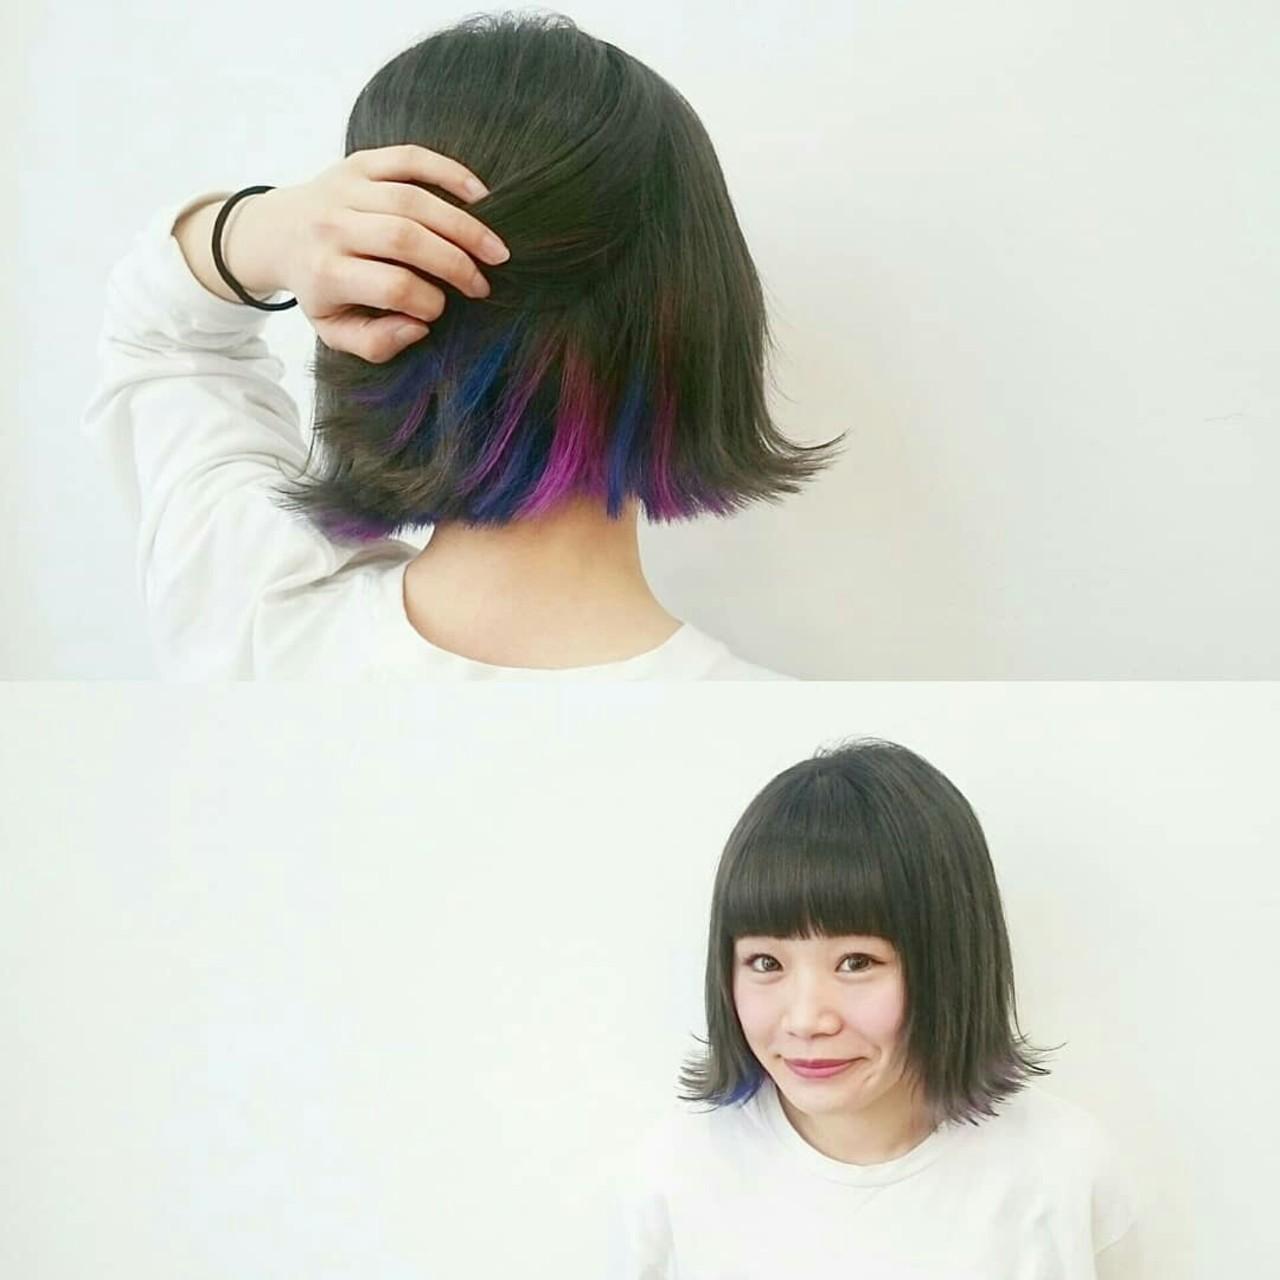 グレージュ ストリート ボブ インナーカラー ヘアスタイルや髪型の写真・画像 | KUMA / hair make PUR